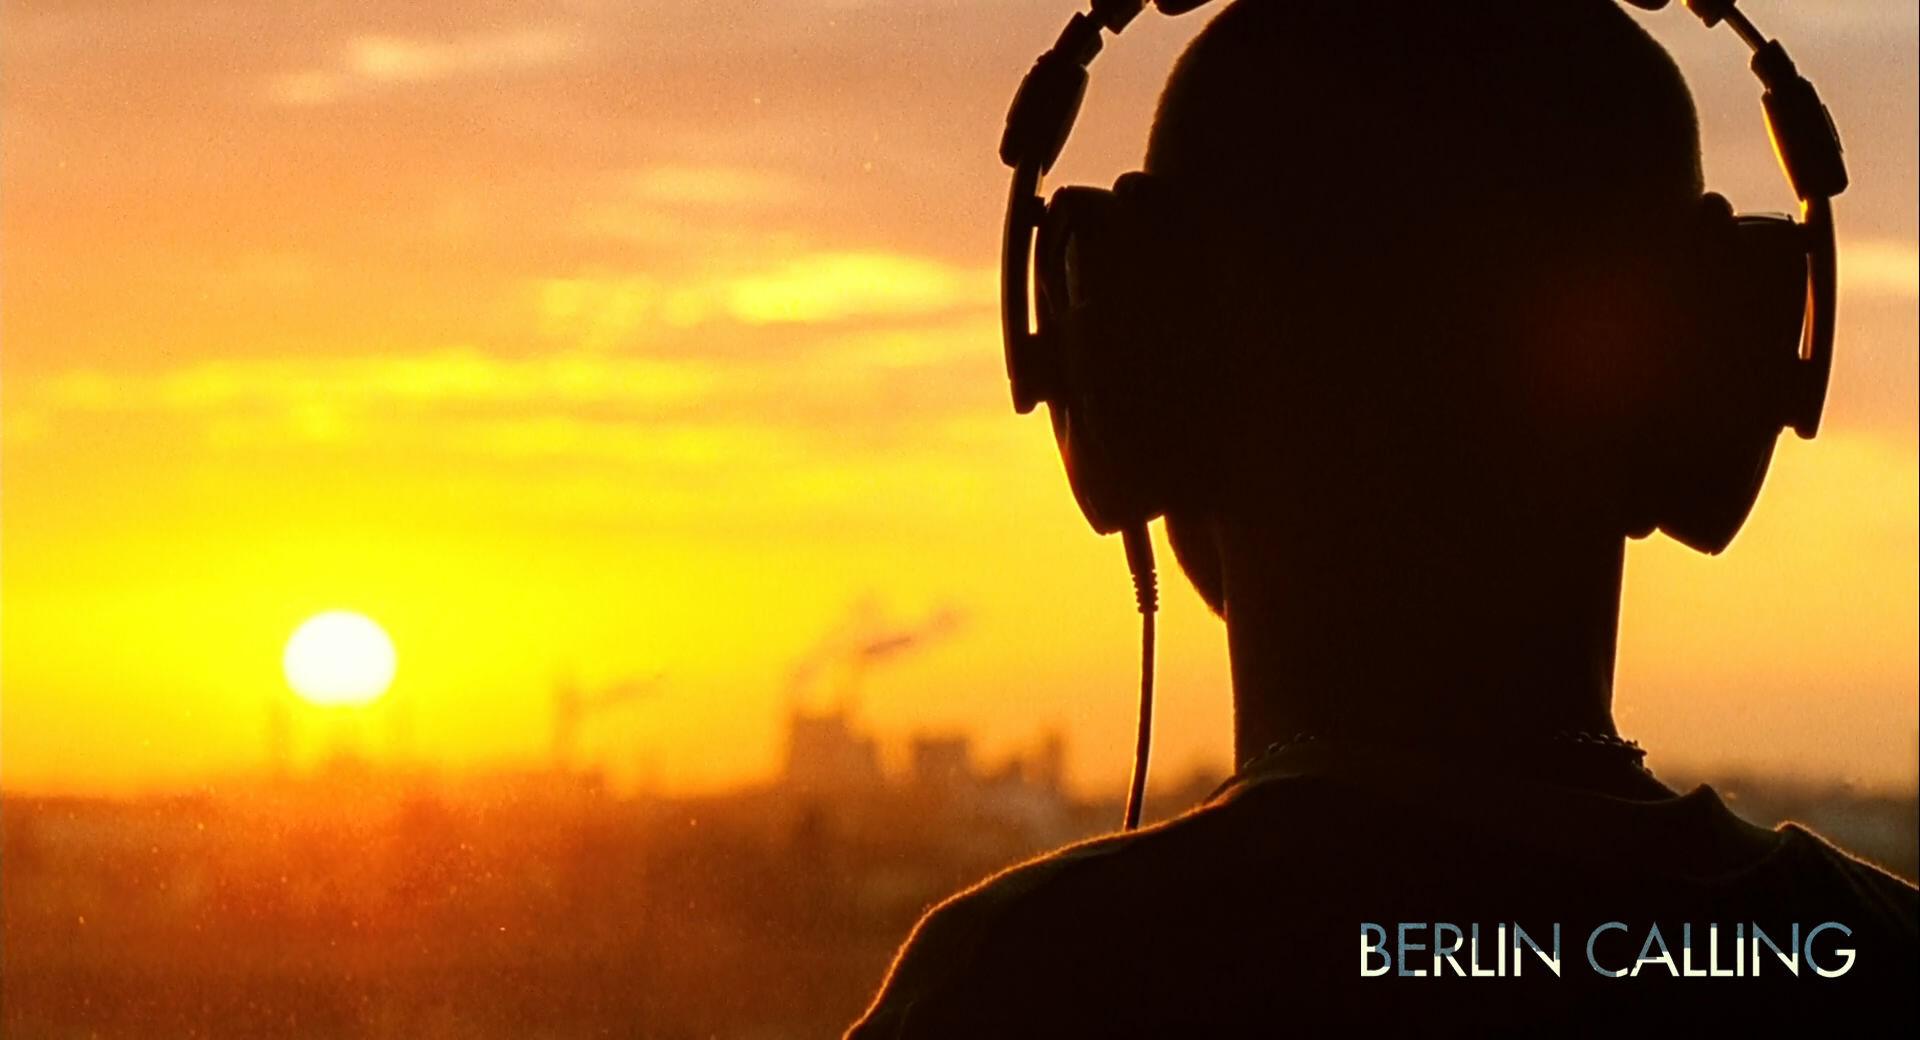 ¿Qué DJ es protagonista de la película Berlin Calling?